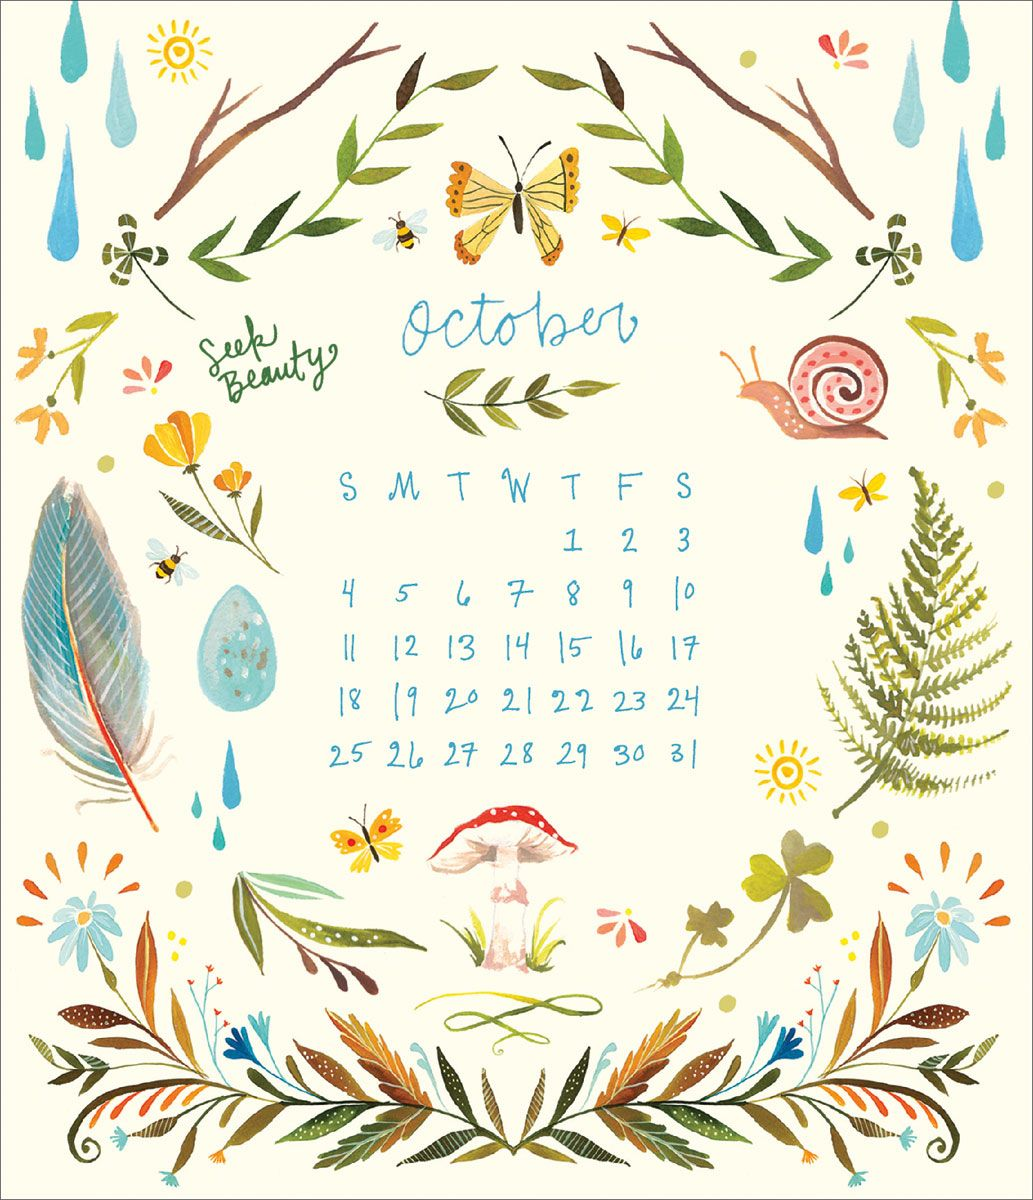 Google Calendar Art : March calendar google search backgrounds